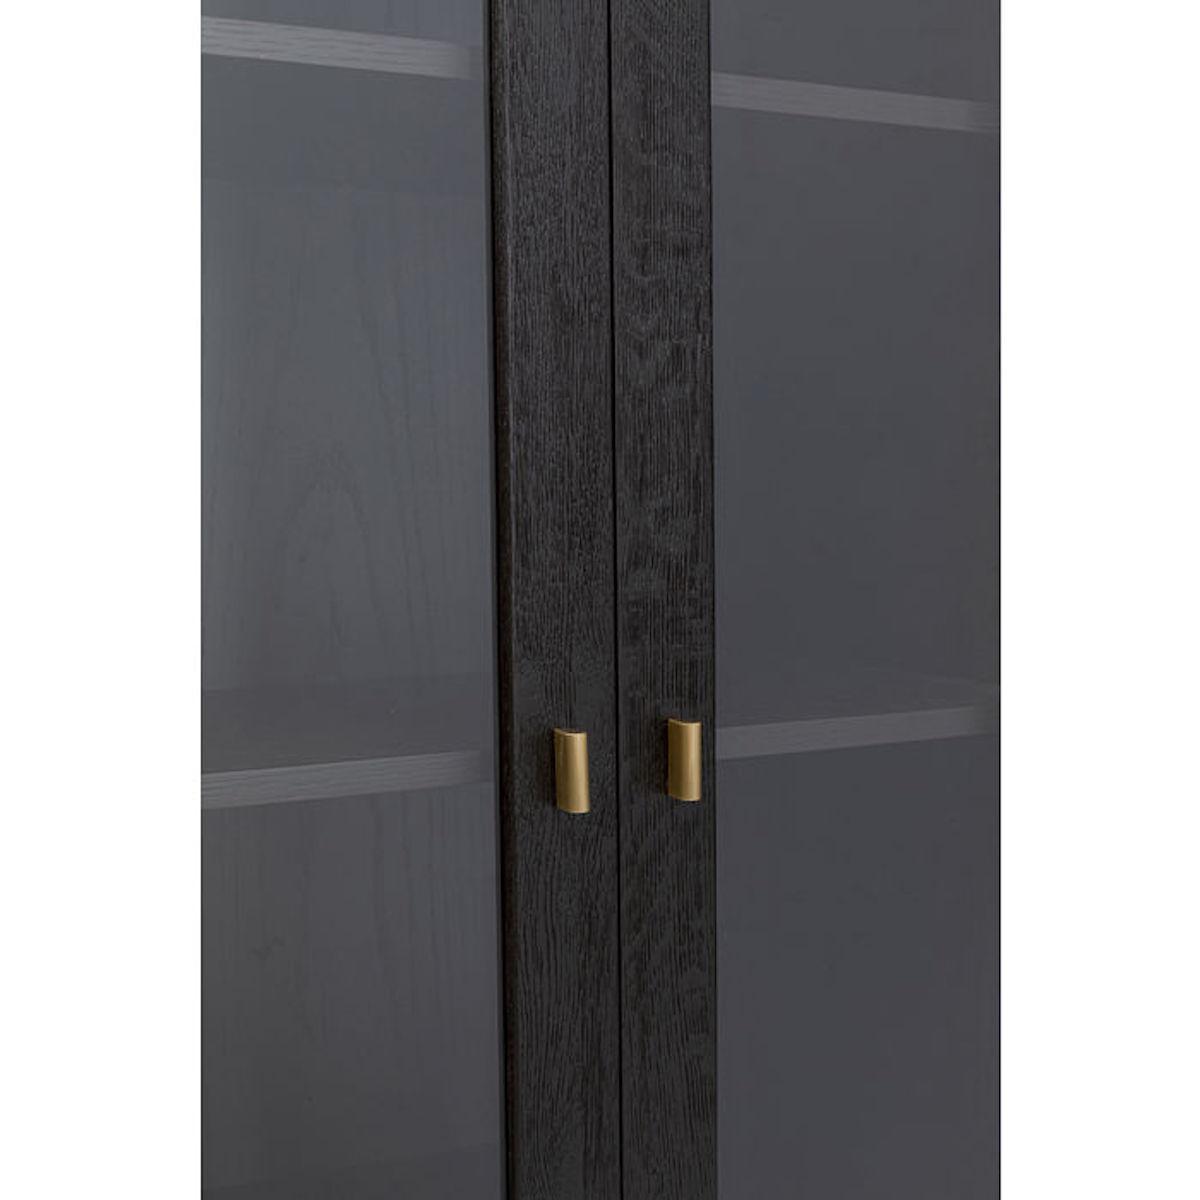 Vitrine 170x80cm MILANO Kare Design